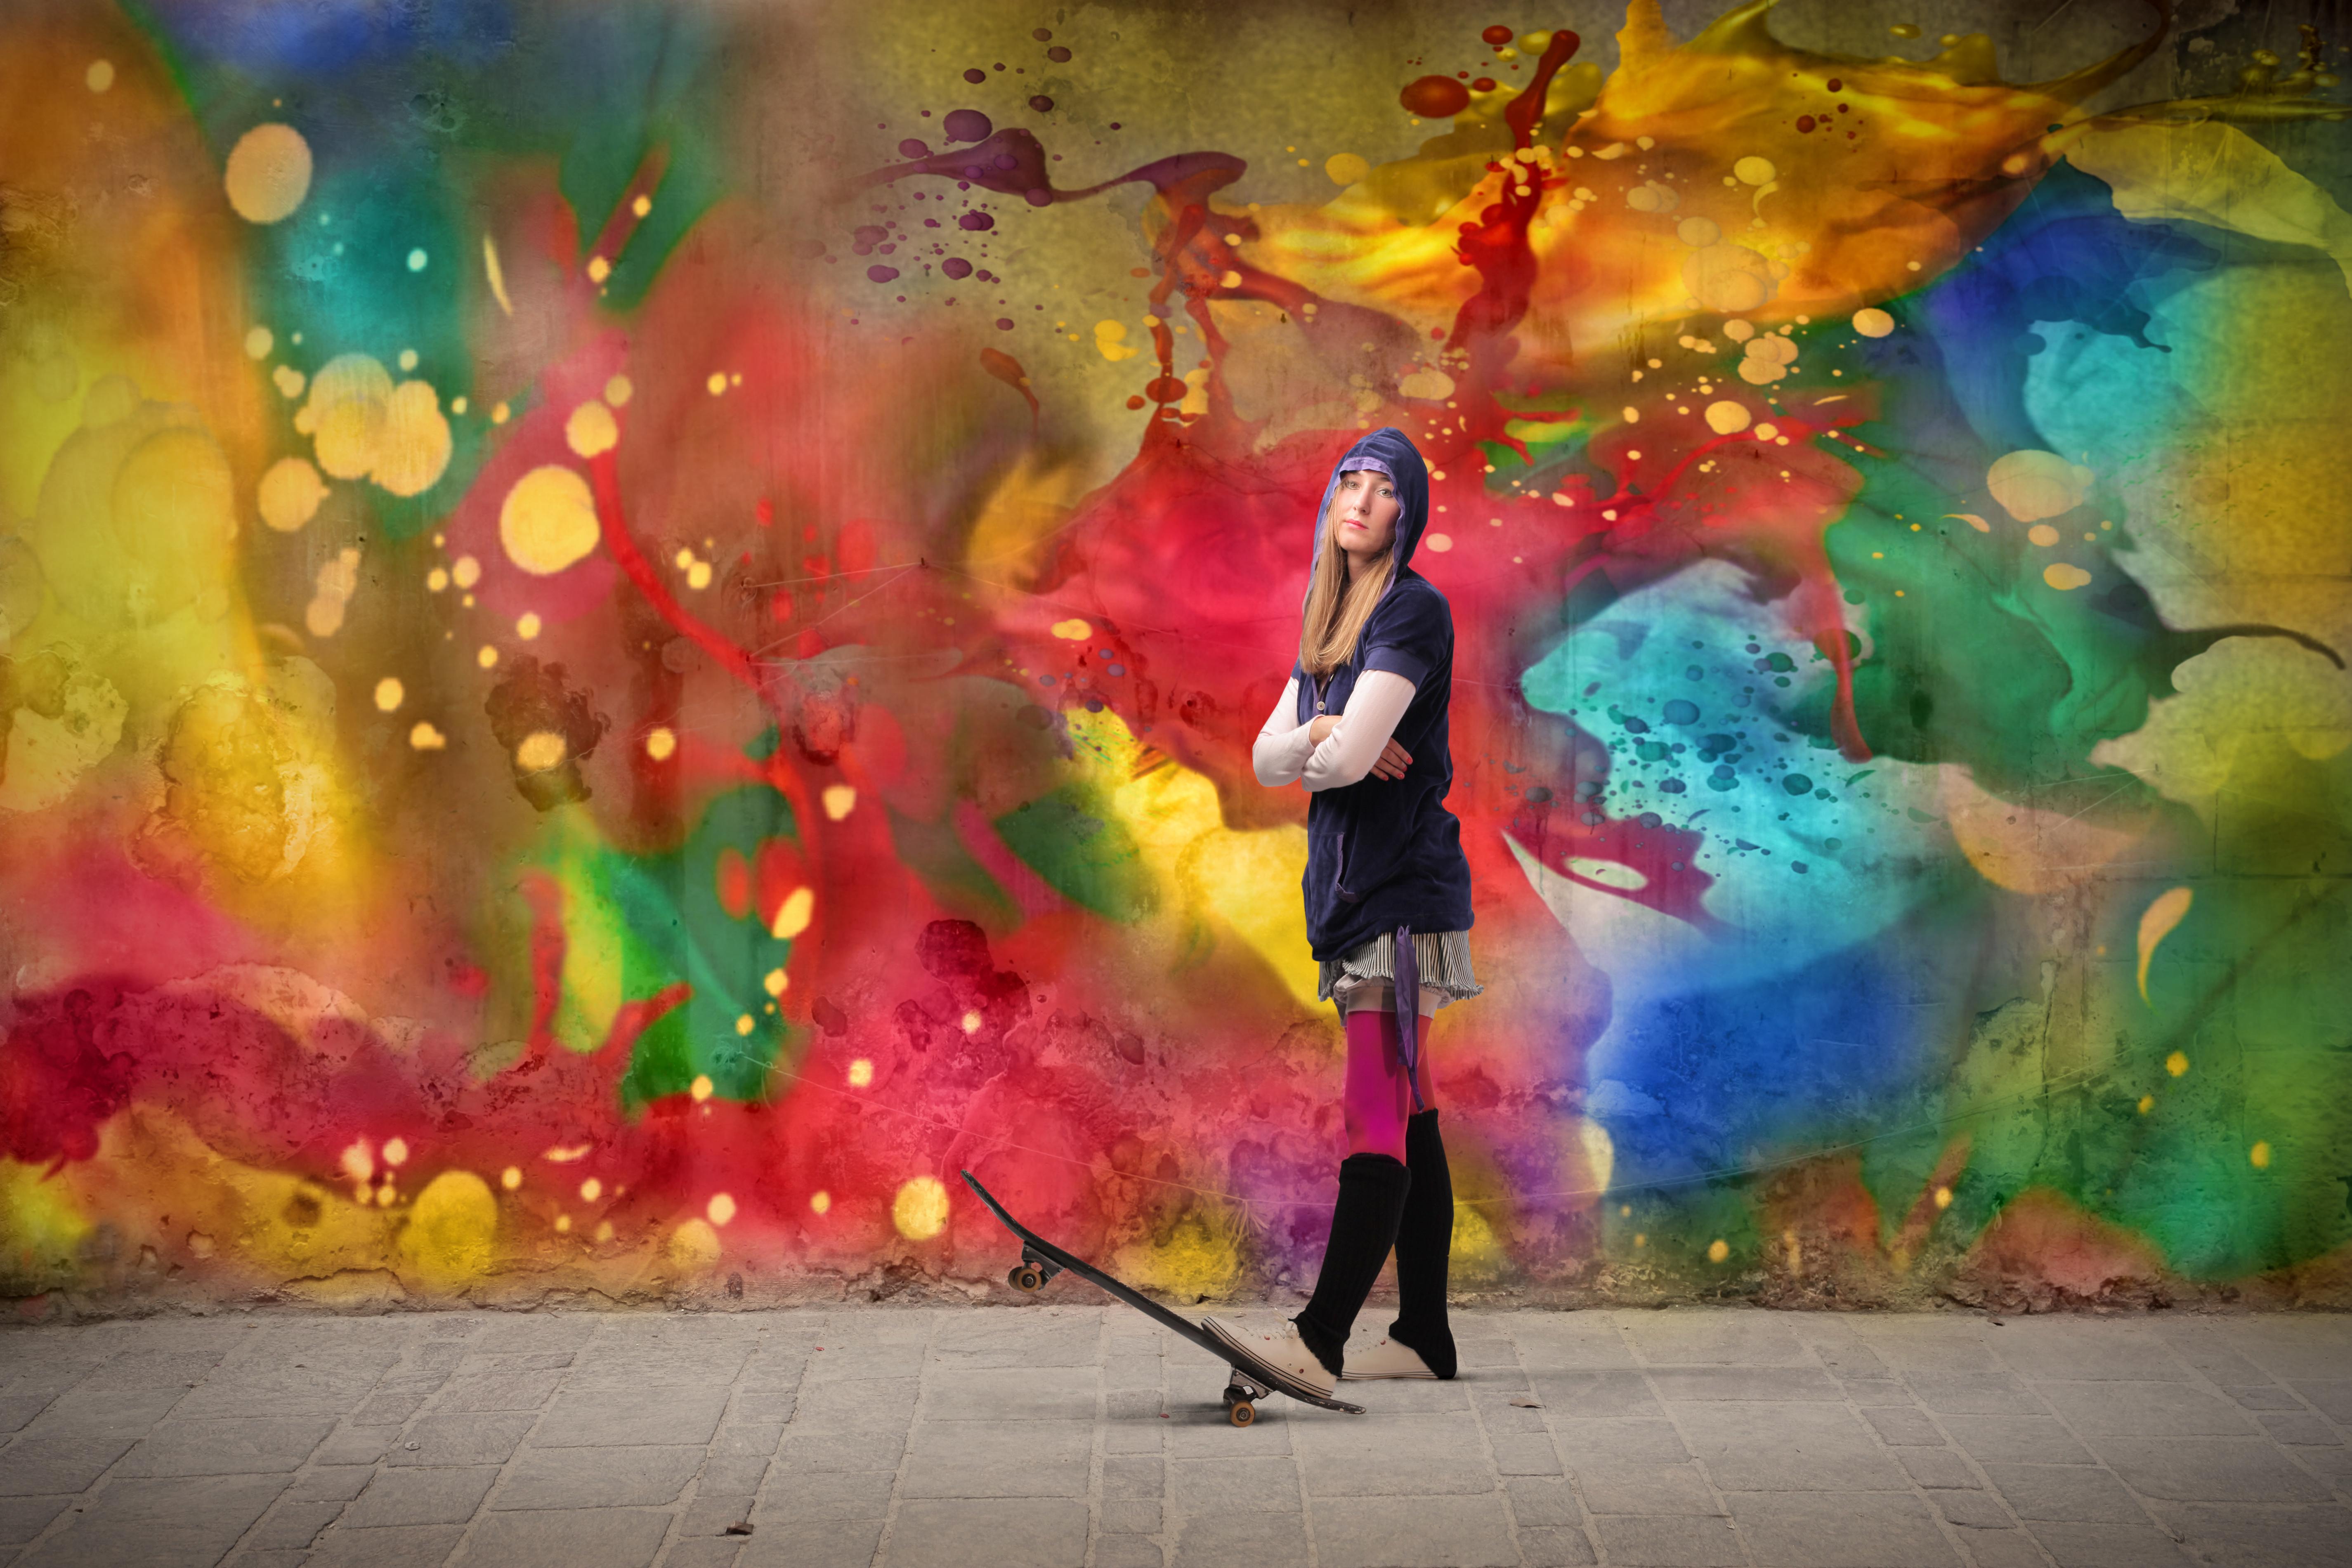 Jonge kunstenaar (SHUTTERSTOCK)